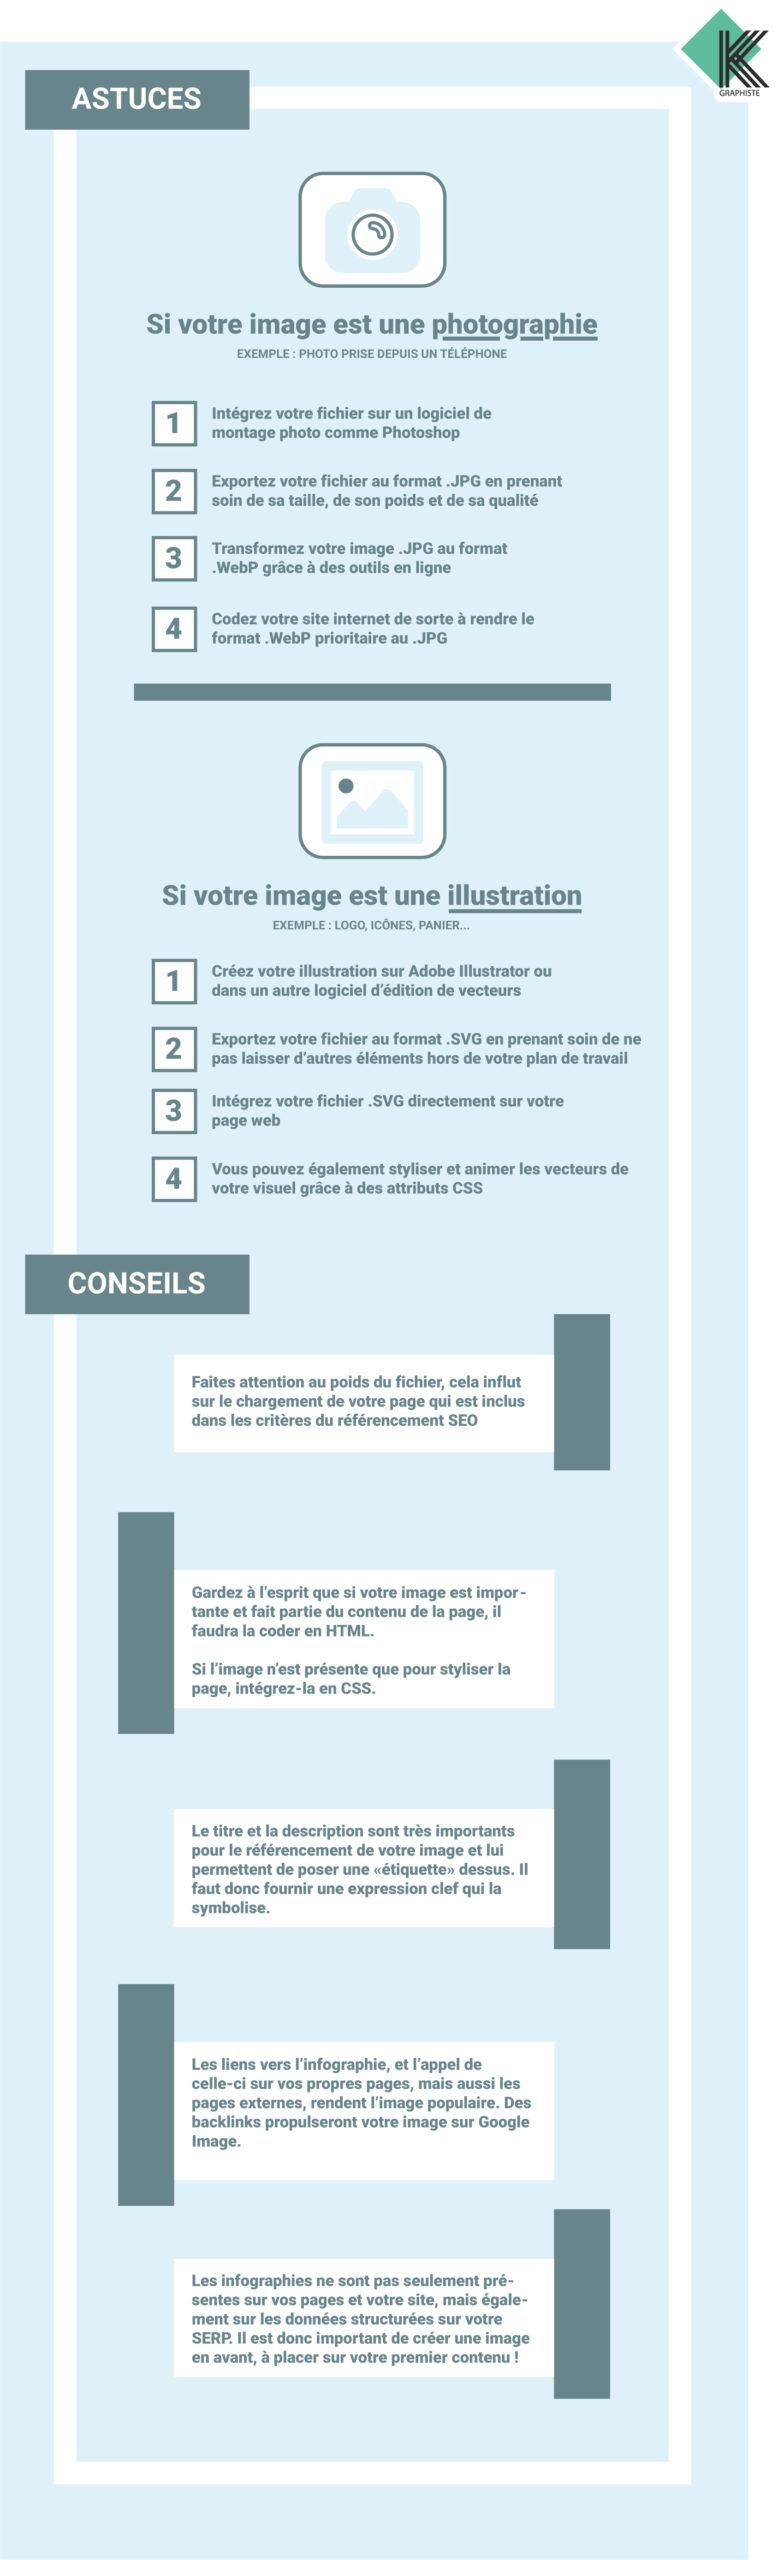 Astuces et conseils pour optimiser son image en SEO - Infographie